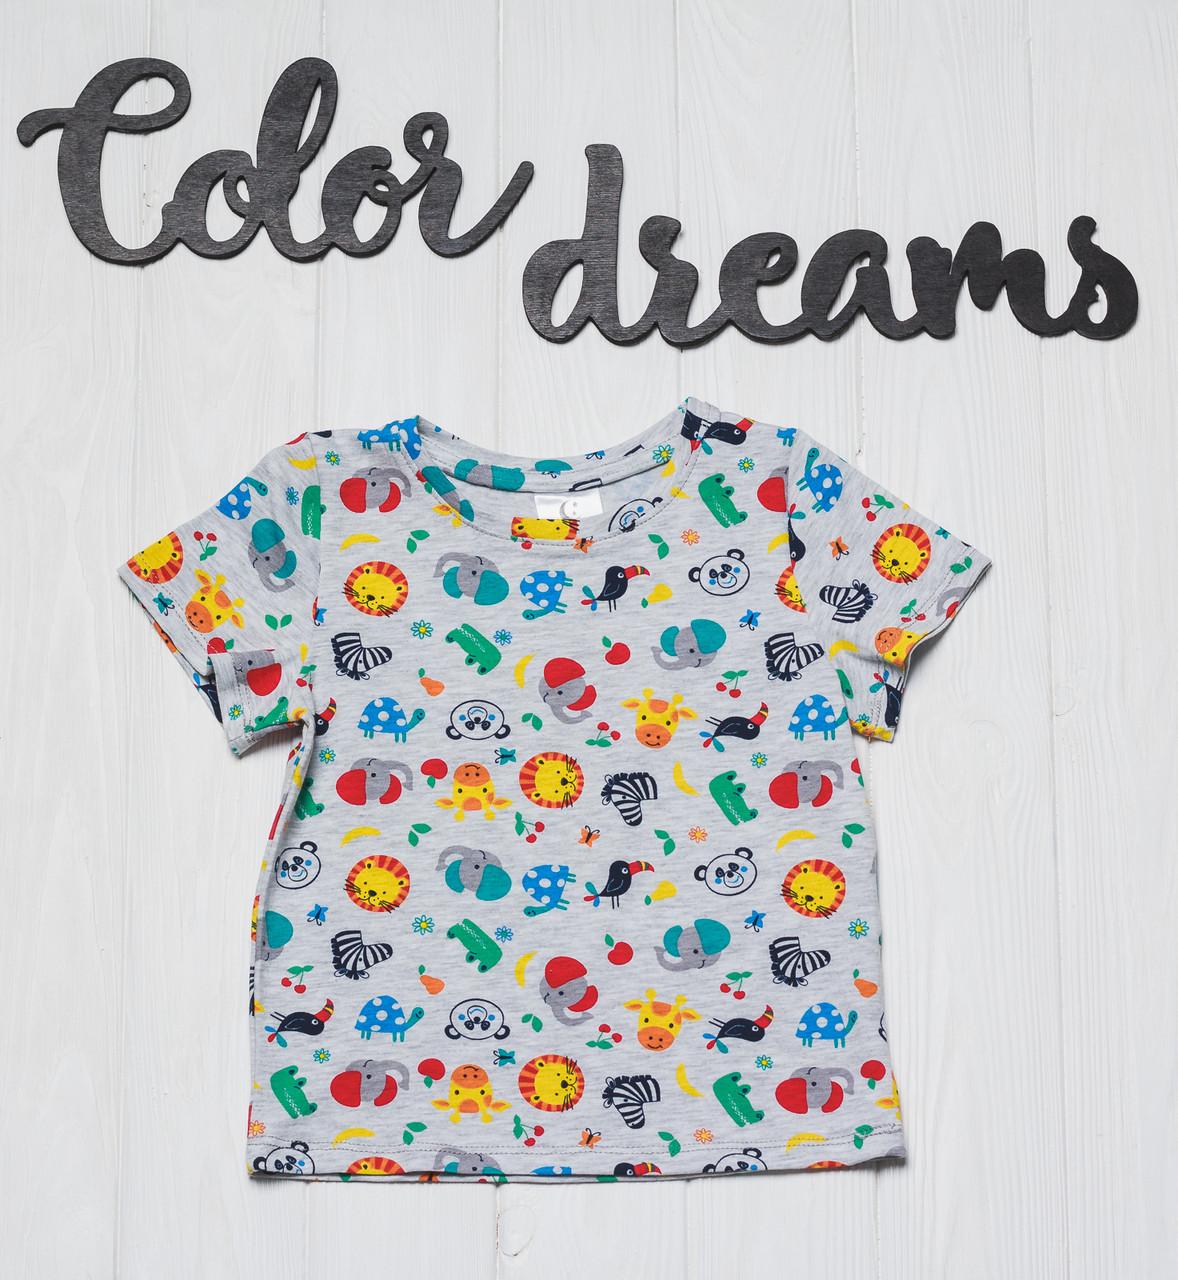 Детская футболка прямая  с принтом с животными